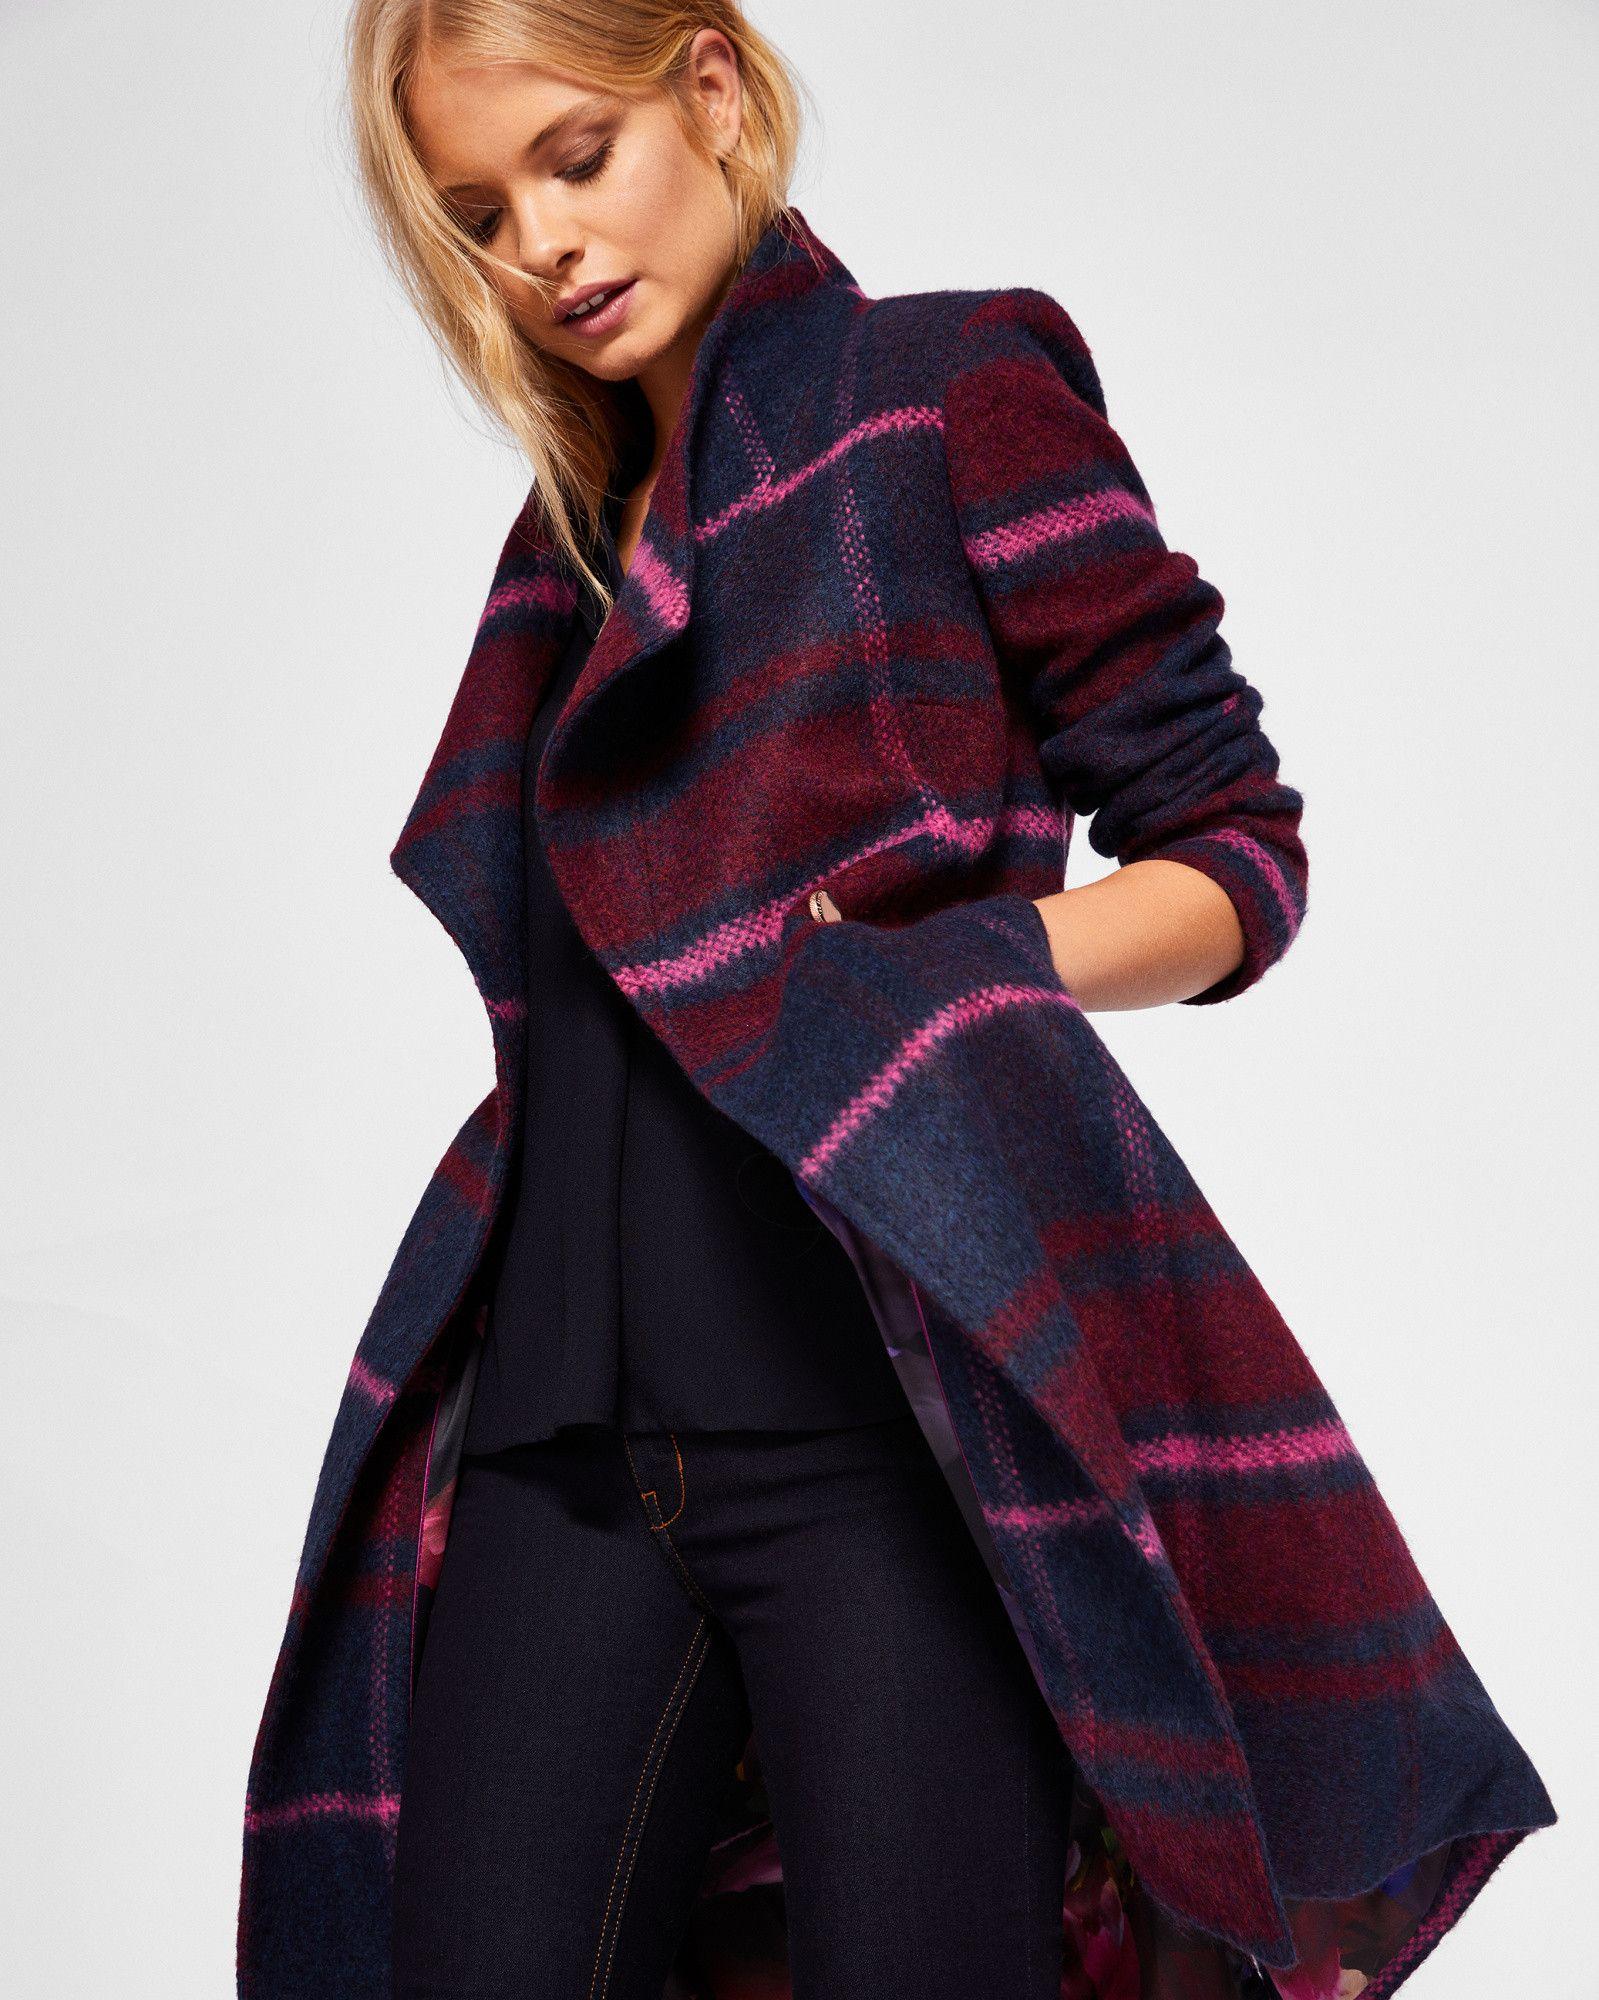 FREDYE Check long wrap coat #TedToToe